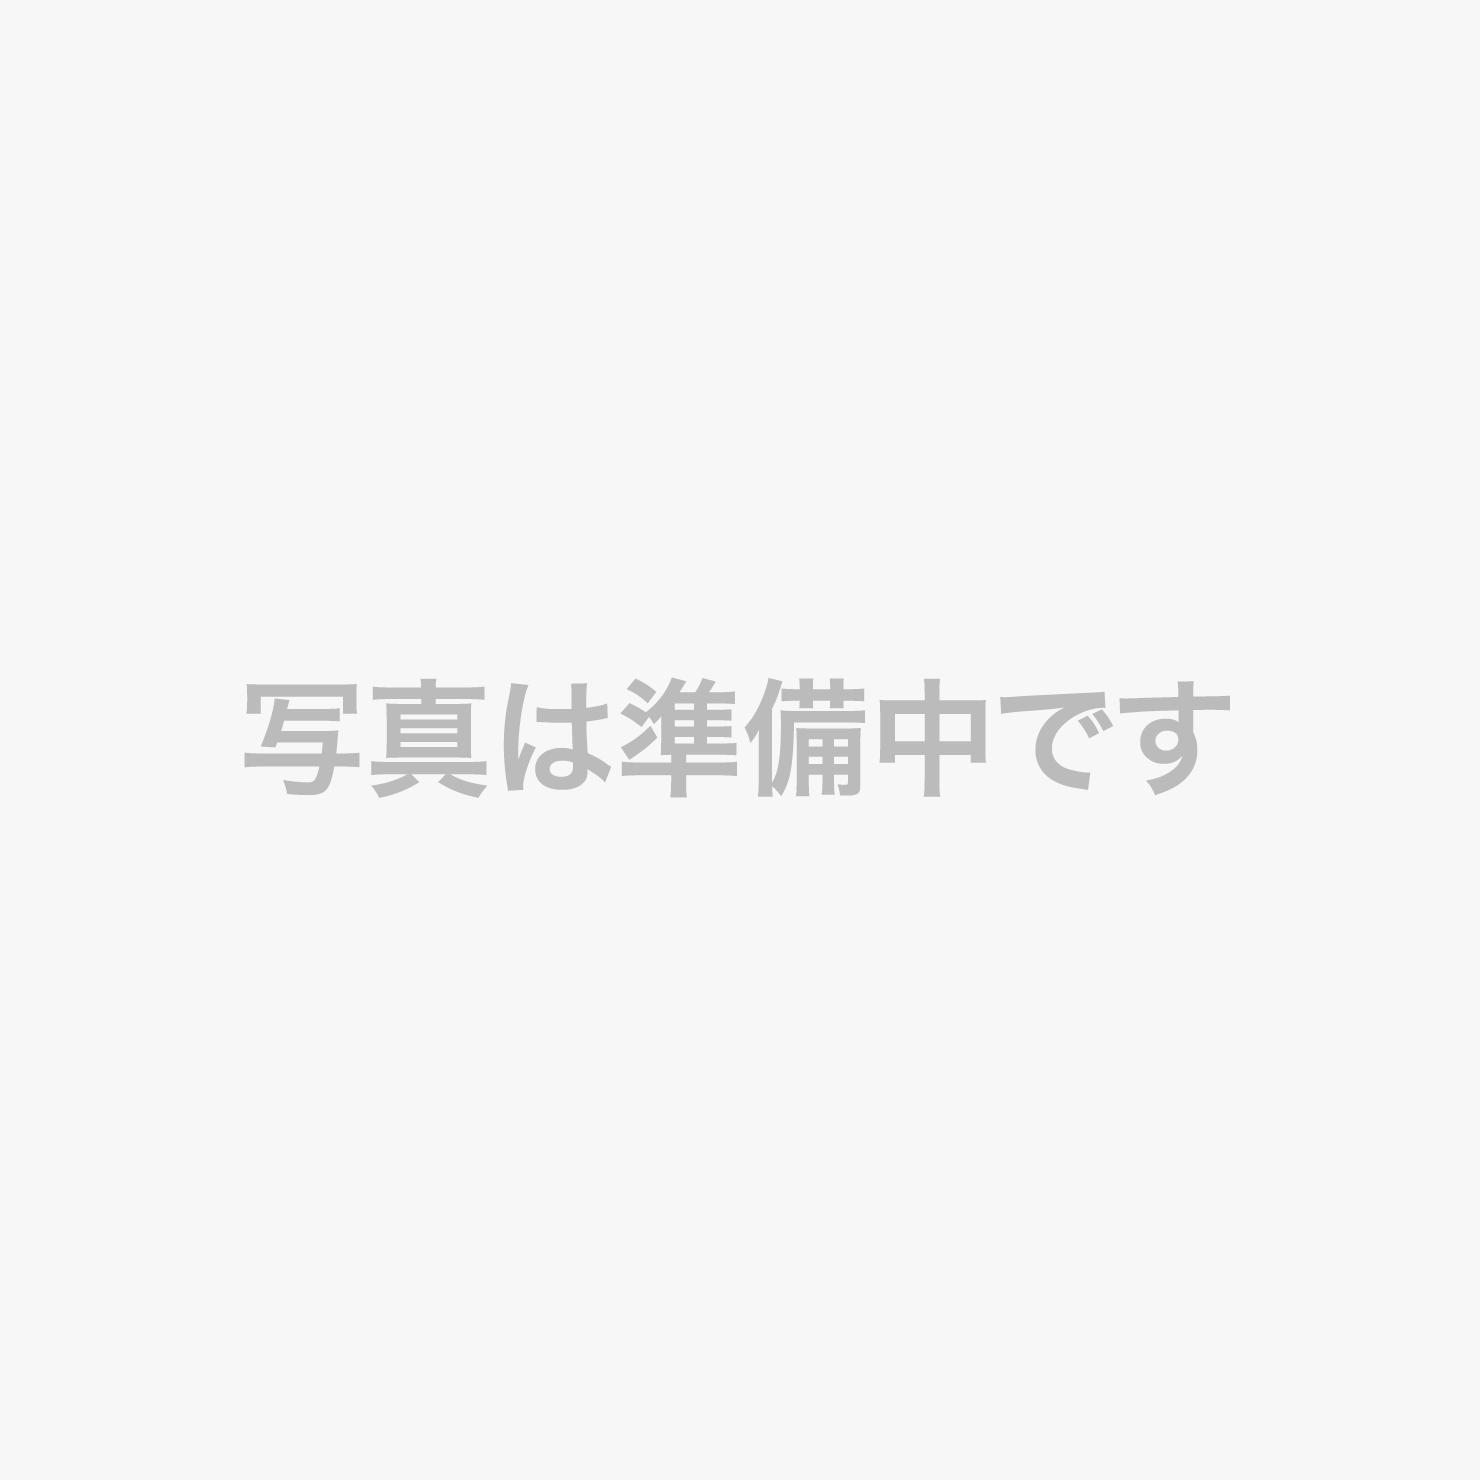 クリスマス2019宿泊プラン限定特典